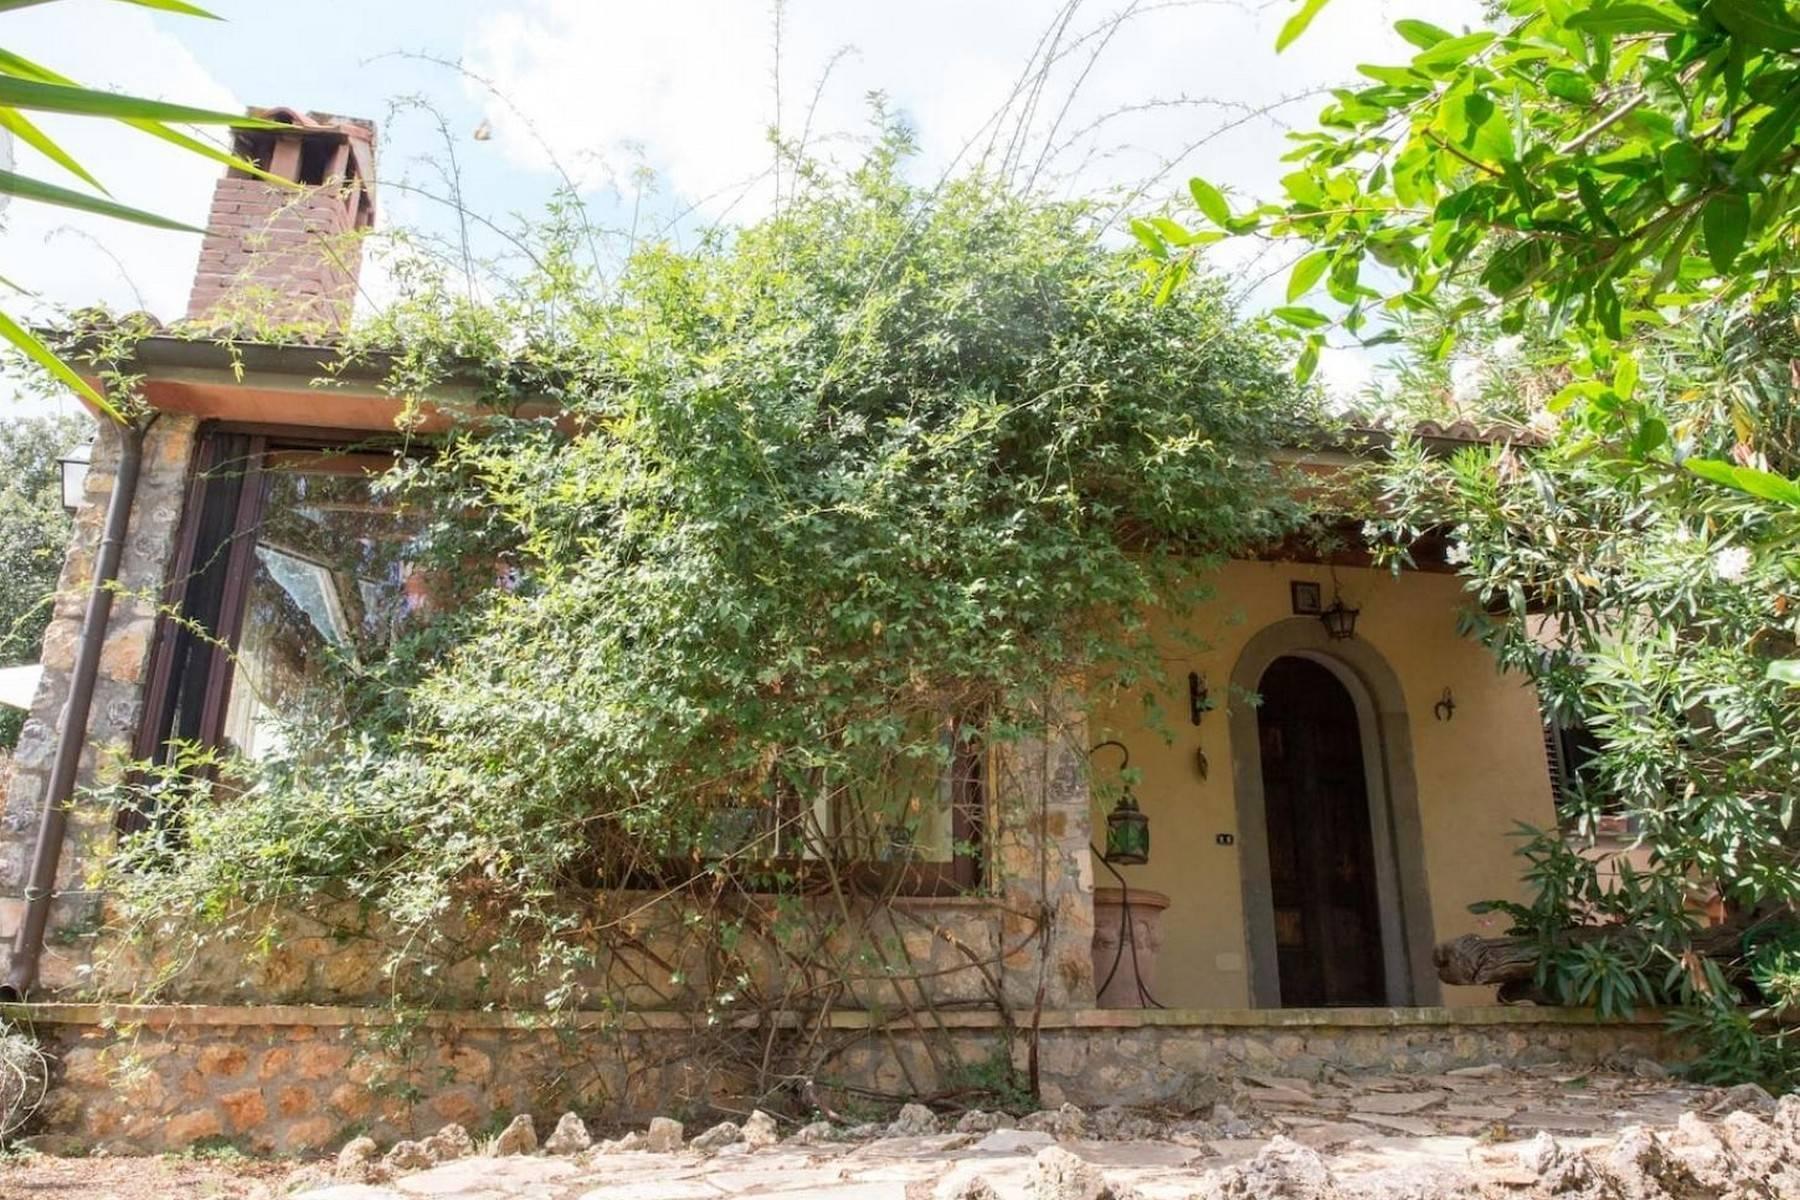 Wunderschönes Bauernhaus mitten im Grünen - 20